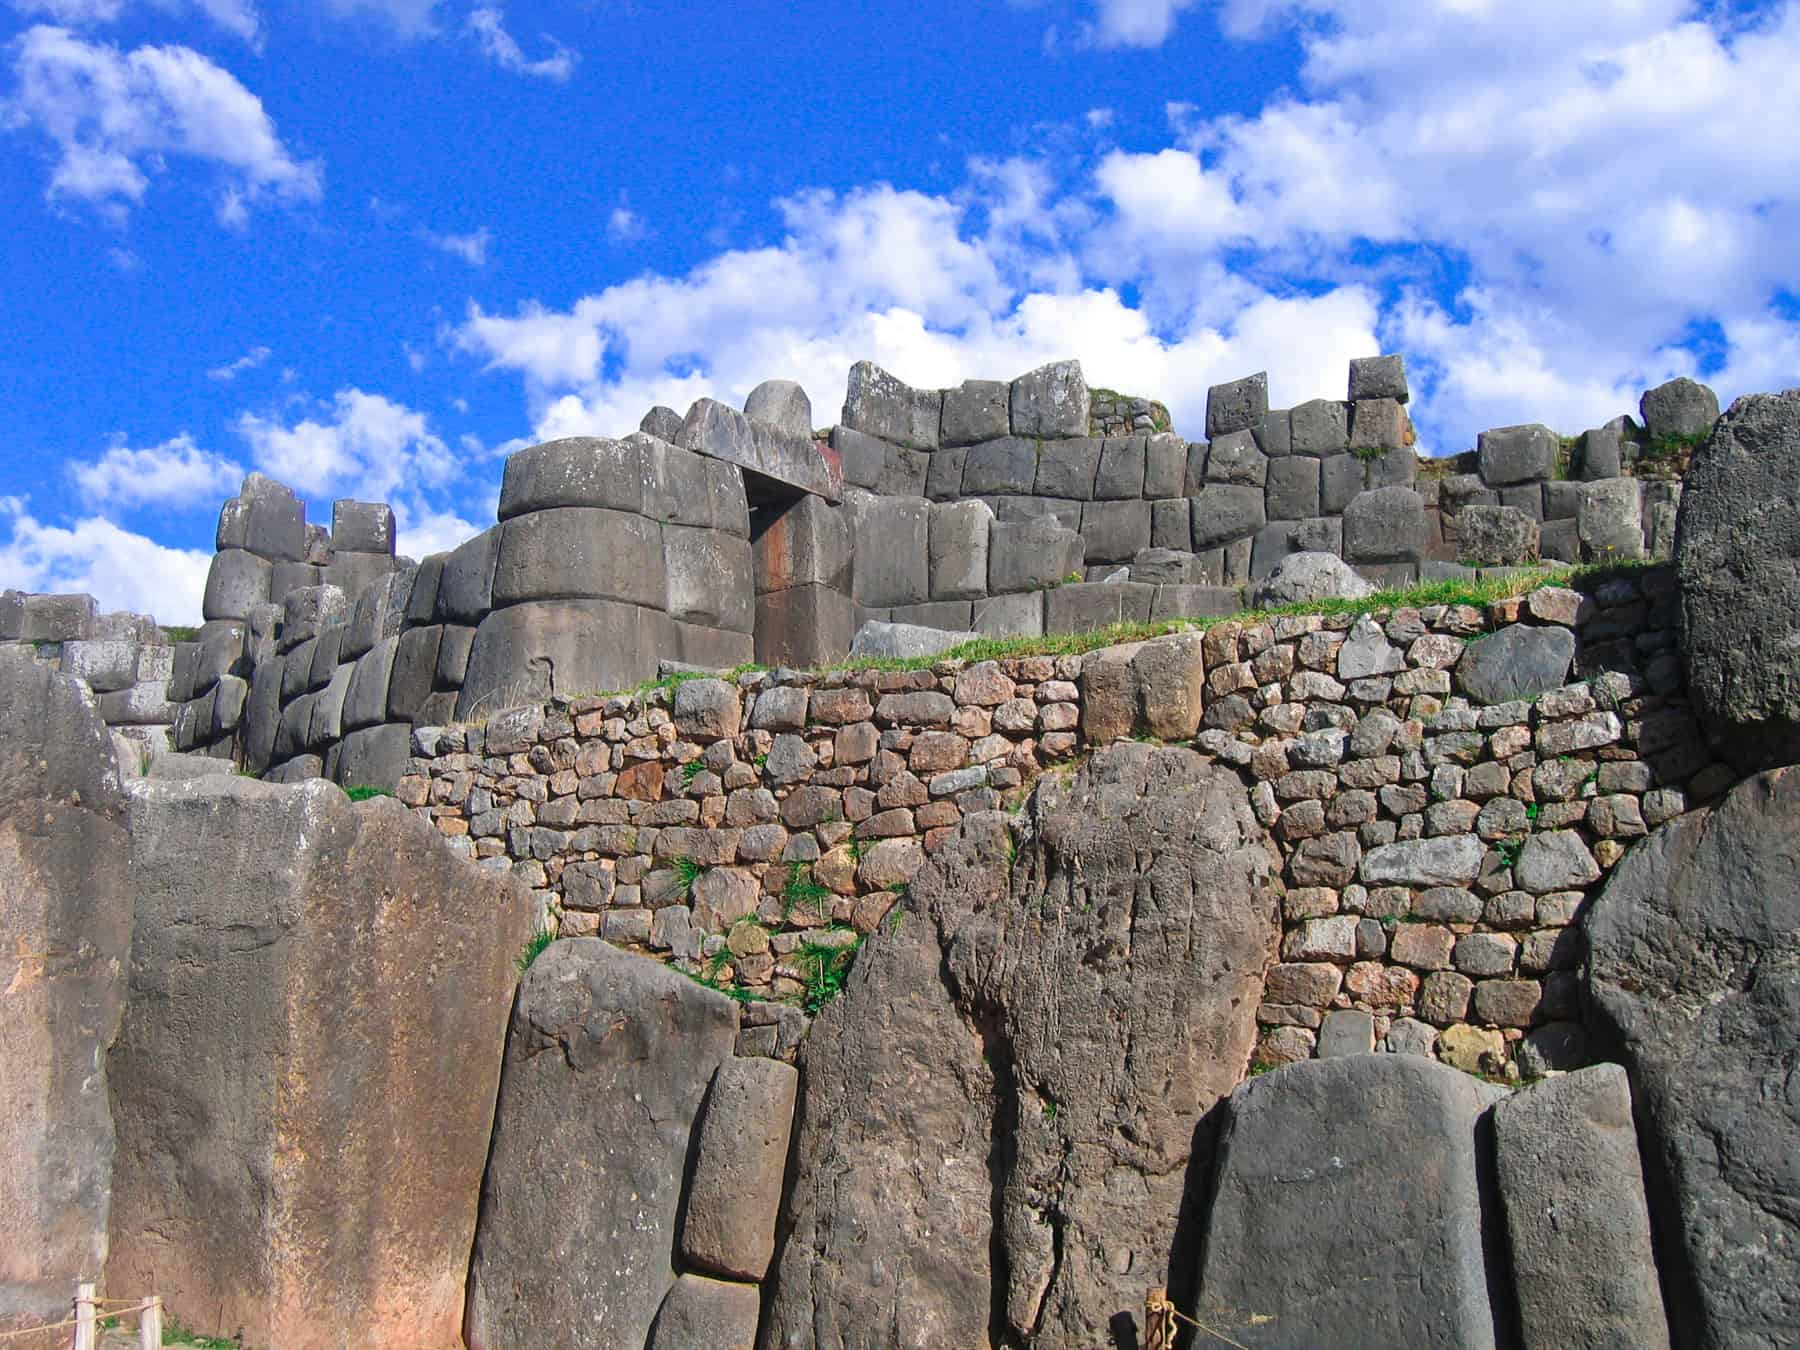 que lugares visitar en Cusco - Sacsayhuaman